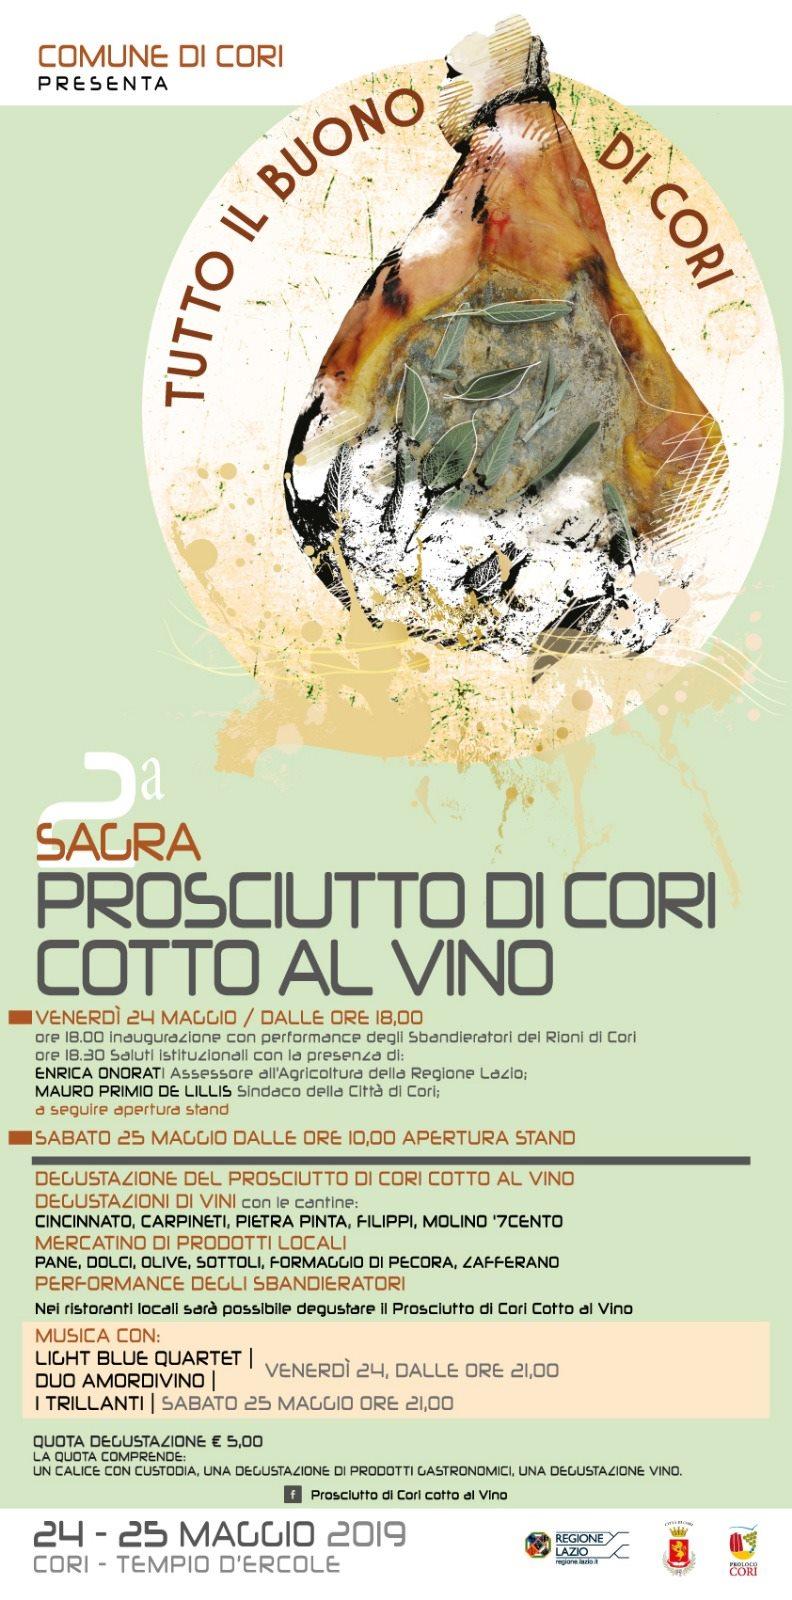 Cori: Sagra del prosciutto cotto al vino @ Tempio d'Ercole | Cori | Lazio | Italia